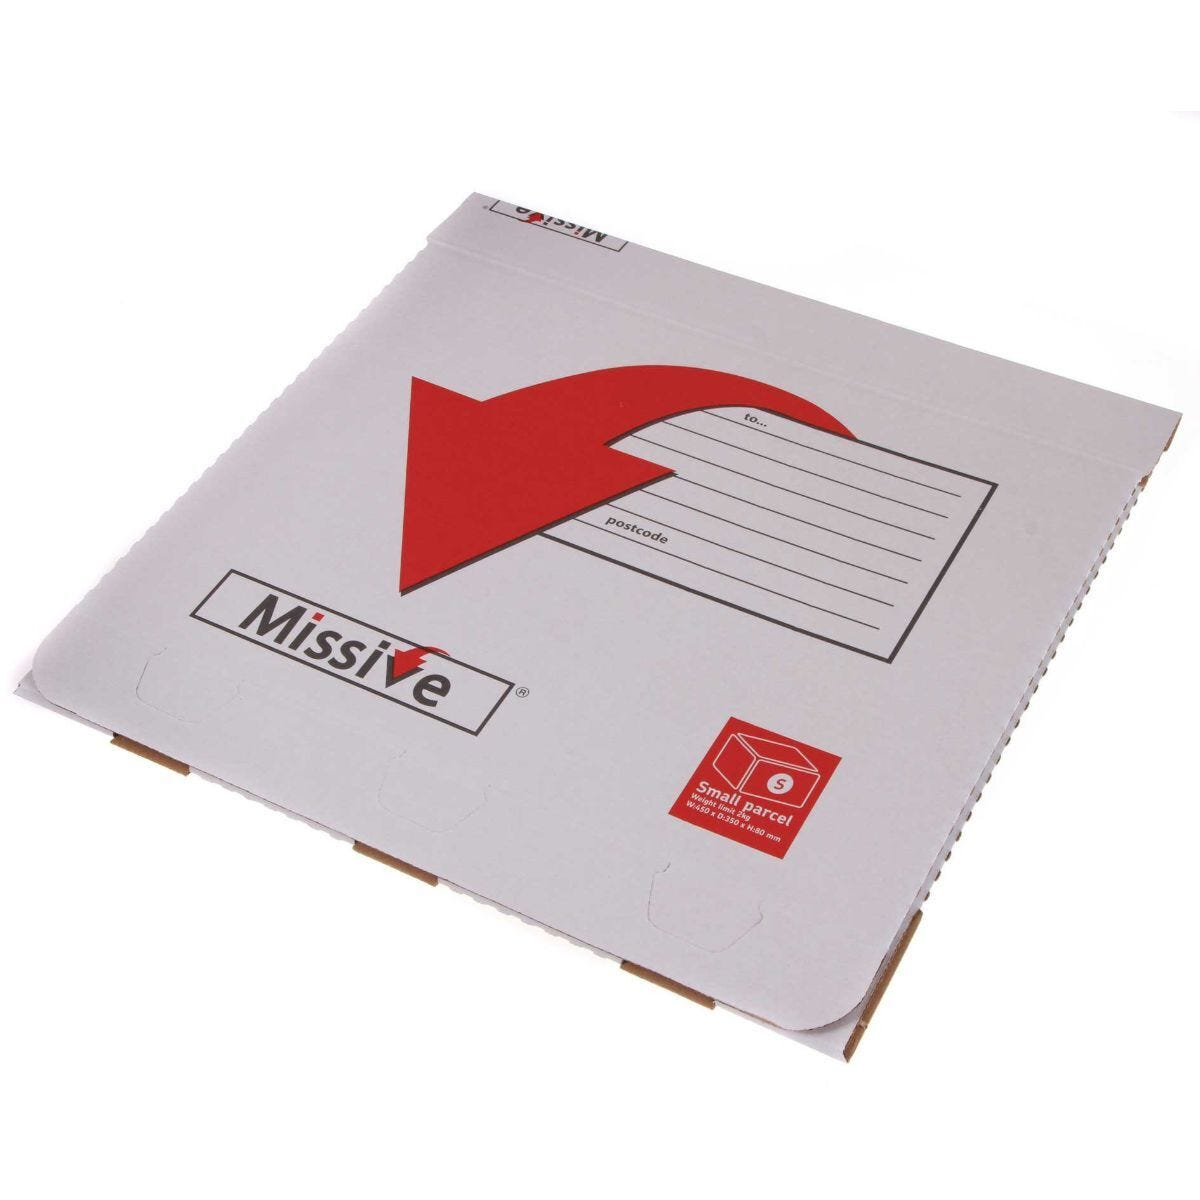 Missive Value Postal Box Small Parcel 450x350x80mm